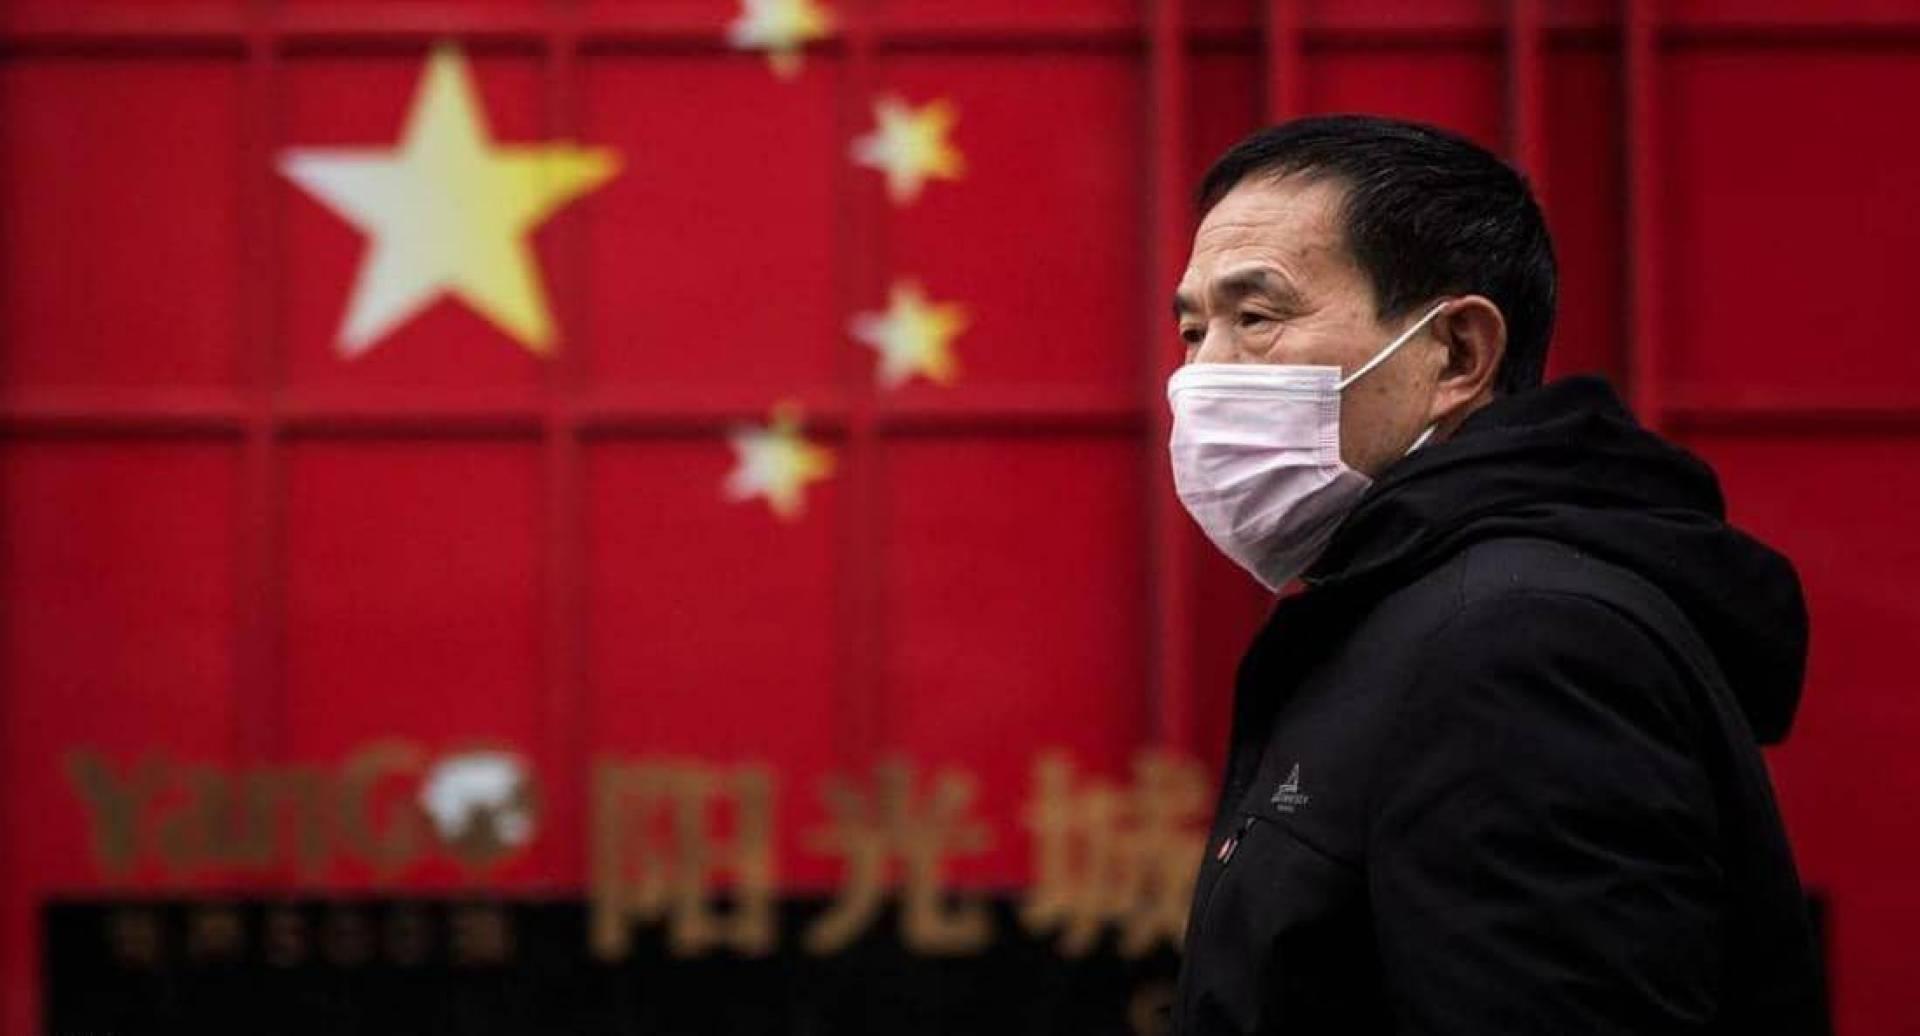 للمرة الأولى.. الصين تعلن عدم تسجيل إصابات جديدة بـ«كورونا»